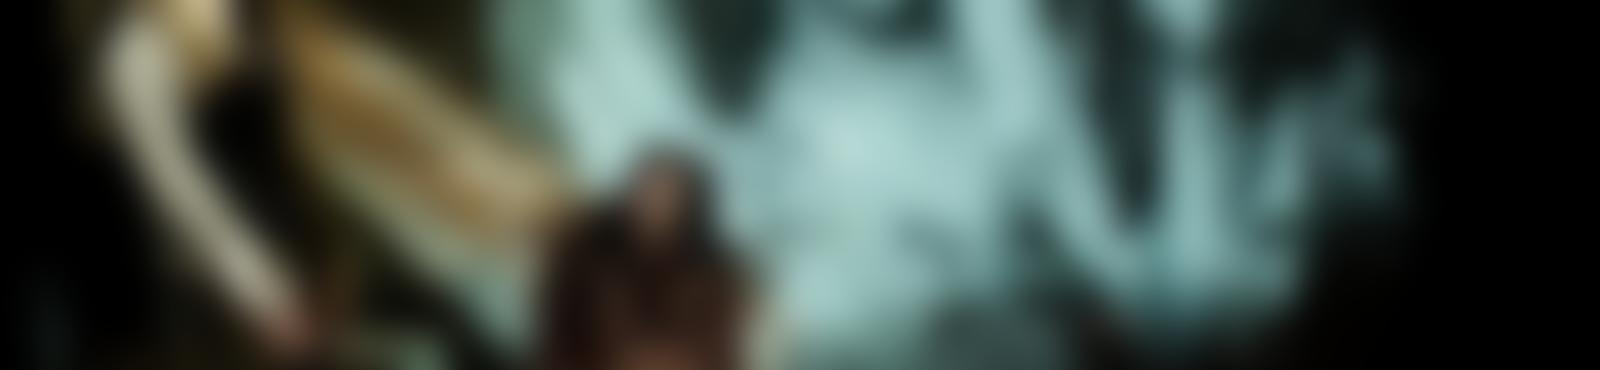 Blurred 369e2df4 7304 473f a8fa fc7498cdc9b3